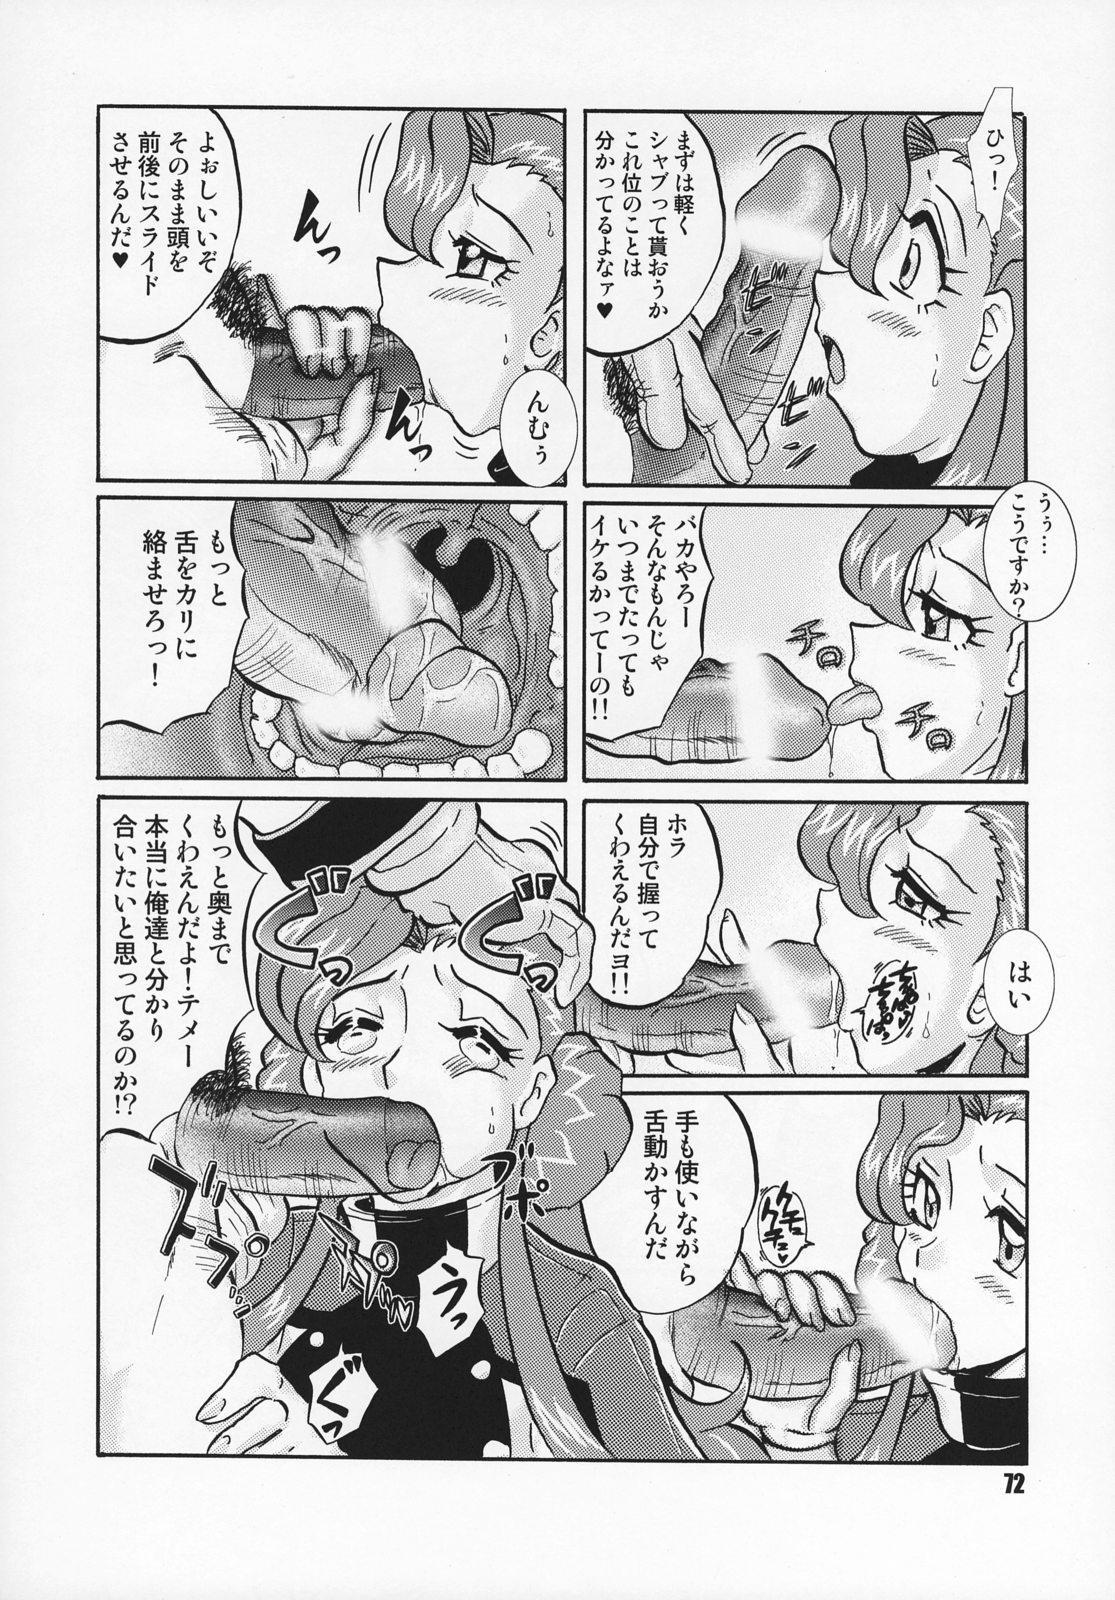 Geass Damashii 70